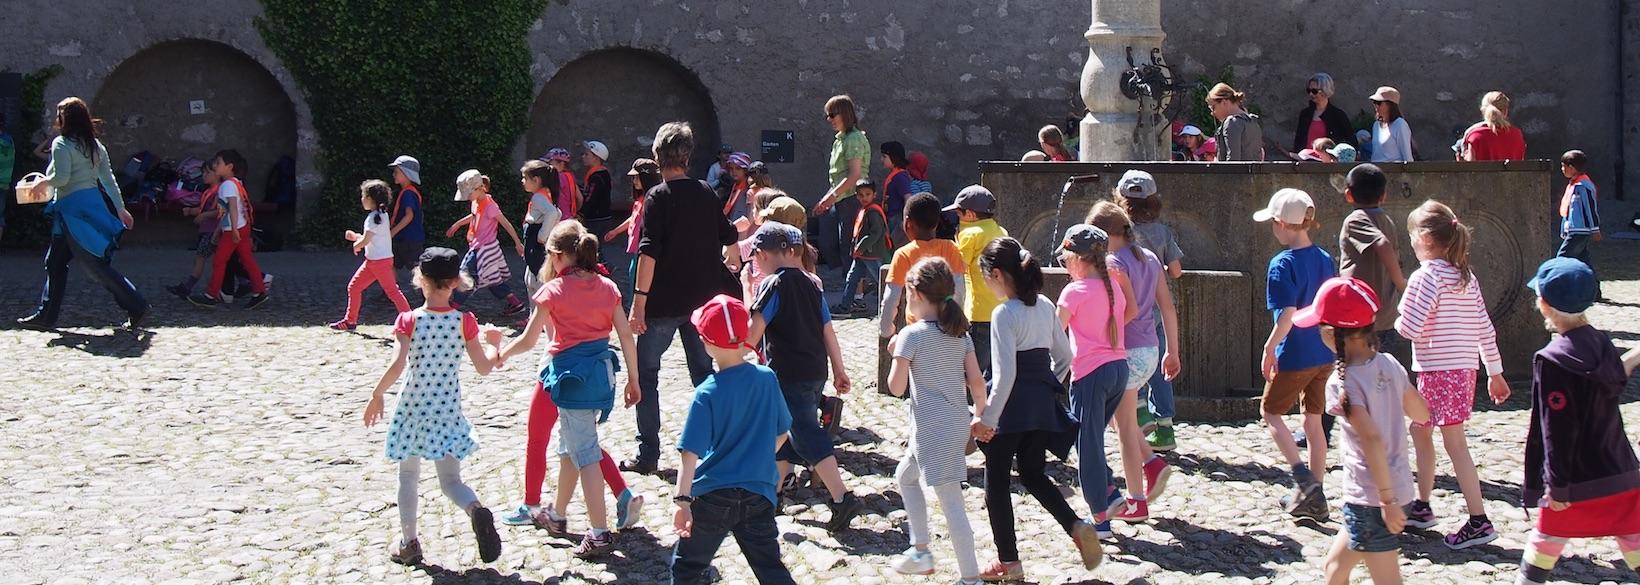 Schulkinder im Schlosshof